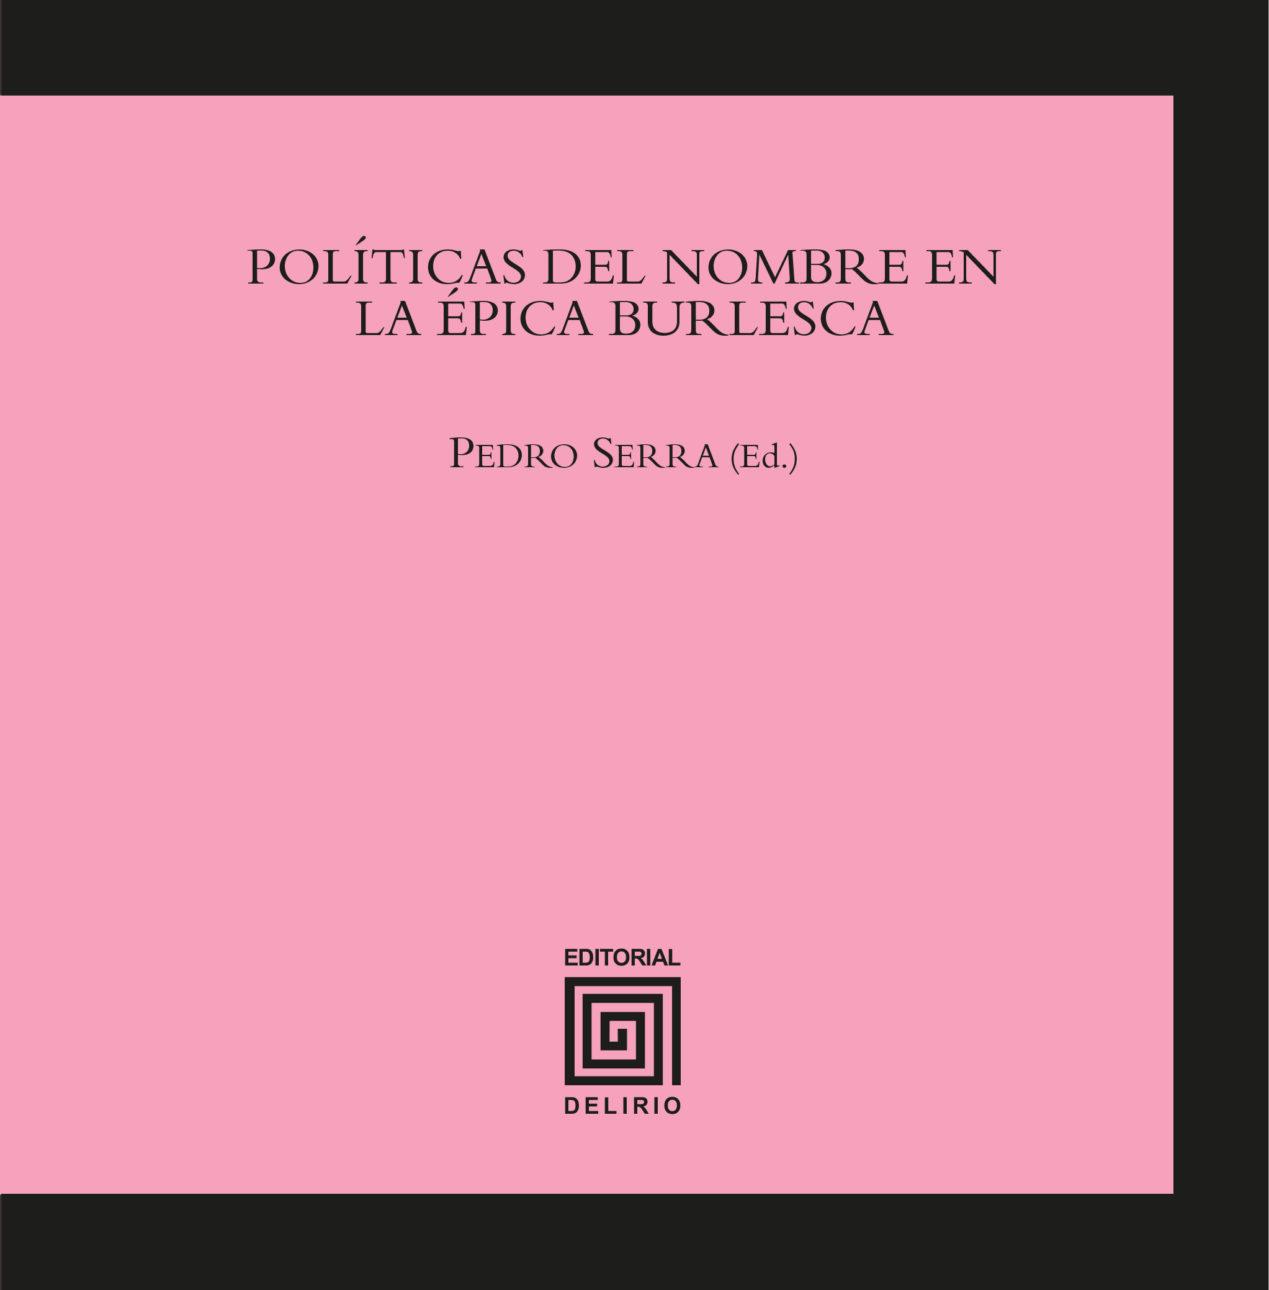 POLÍTICAS DEL NOMBRE EN LA ÉPICA BURLESCA